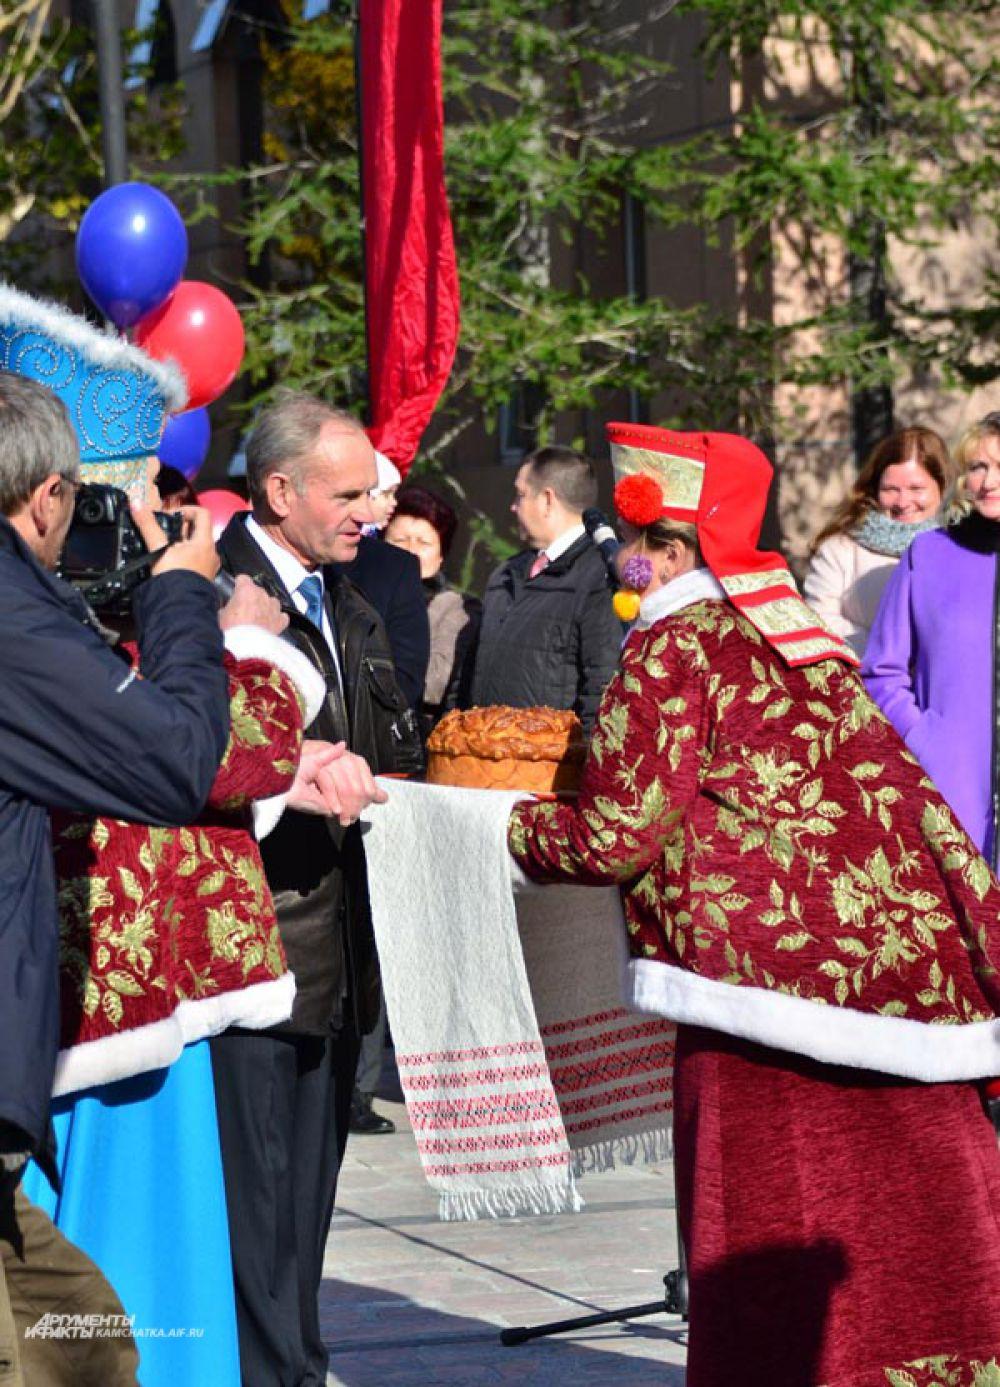 Стелу Почетных граждан украсили еще две фамилии достойных жителей города. Один из них - директор МУП «Спецтранс» Александр Демчук.